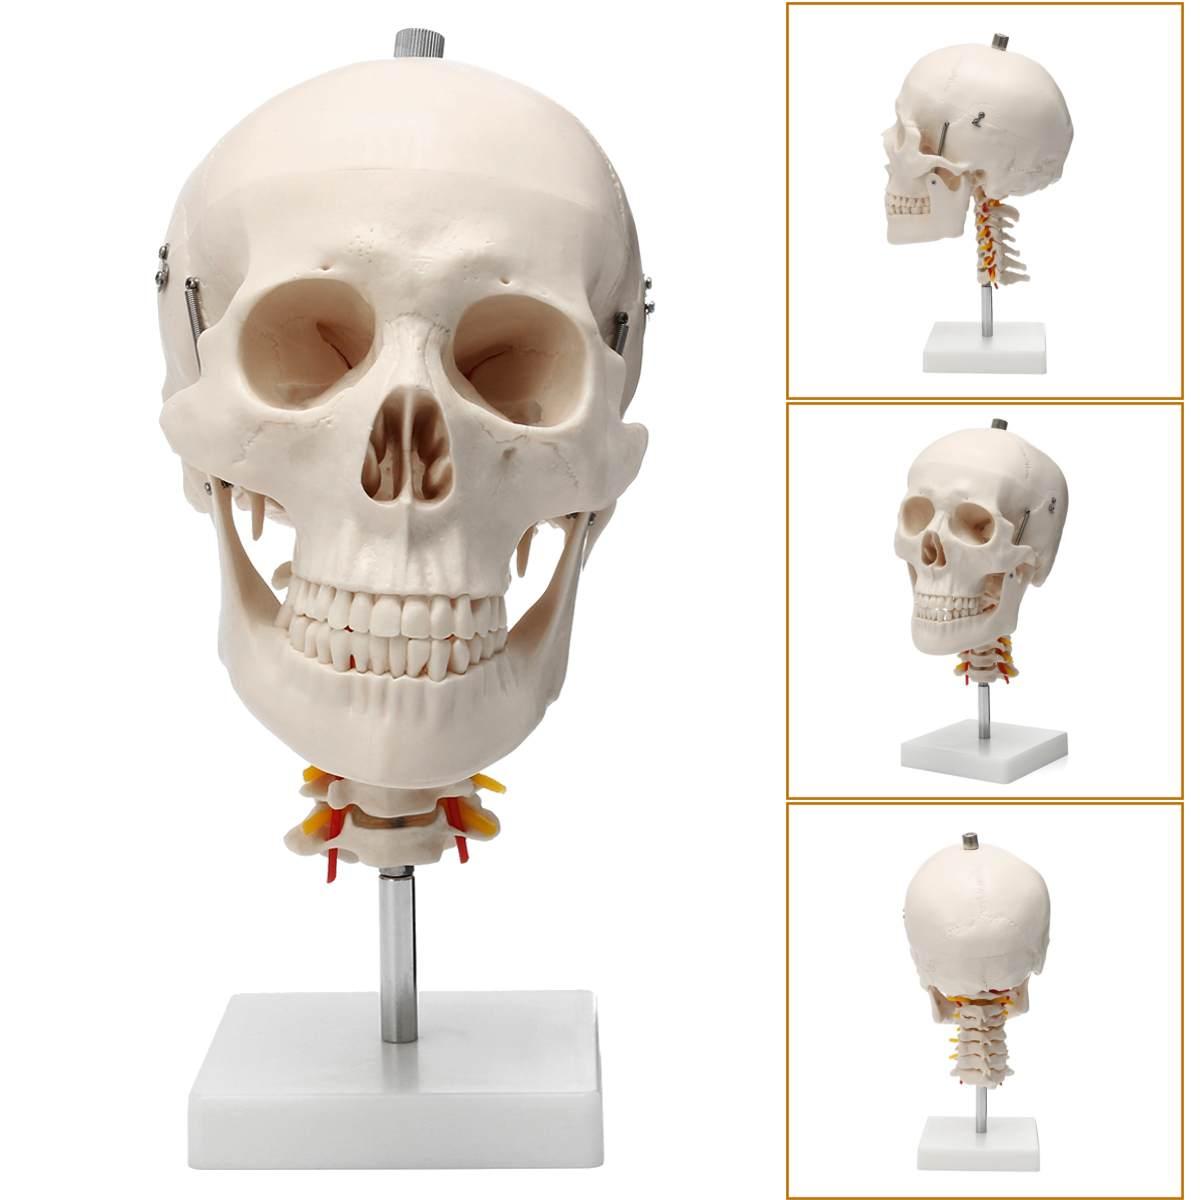 1:1 taille réelle crâne humain anatomie anatomique crâne modèle tête cervicale colonne vertébrale squelette école enseignement médical éducatif